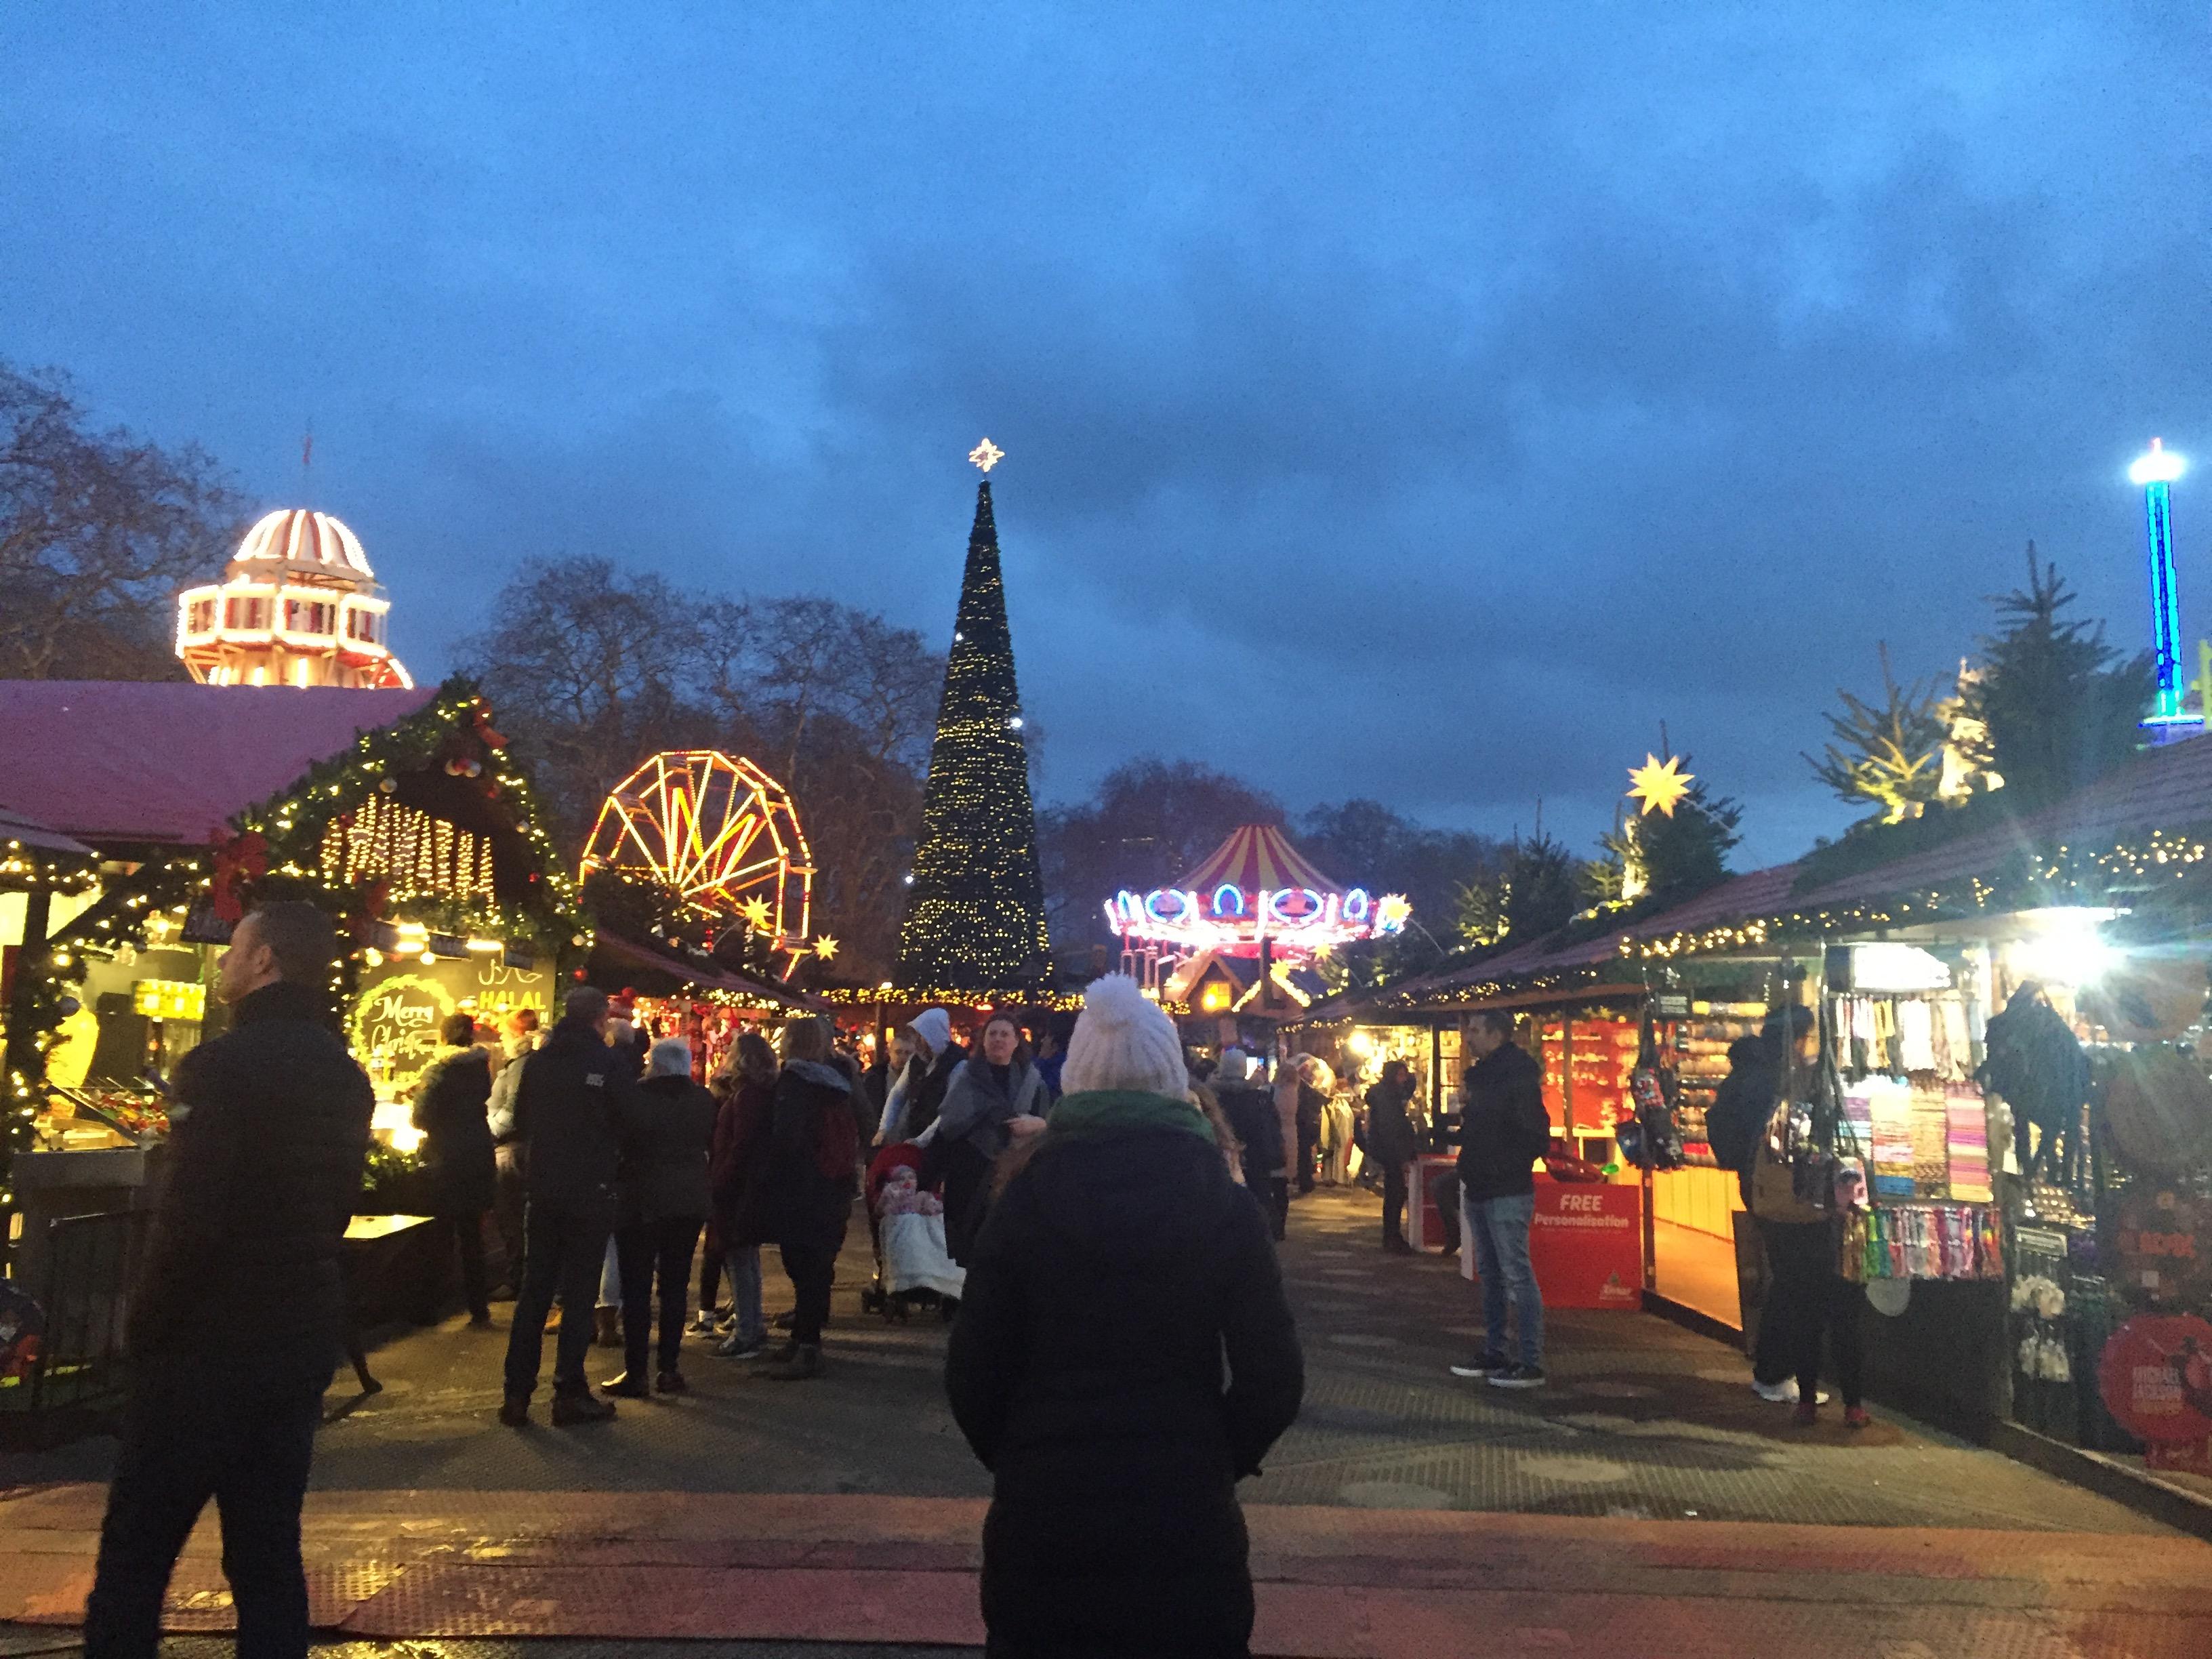 IMG 25741 - WinterWonderland el parque de diversiones en Londres